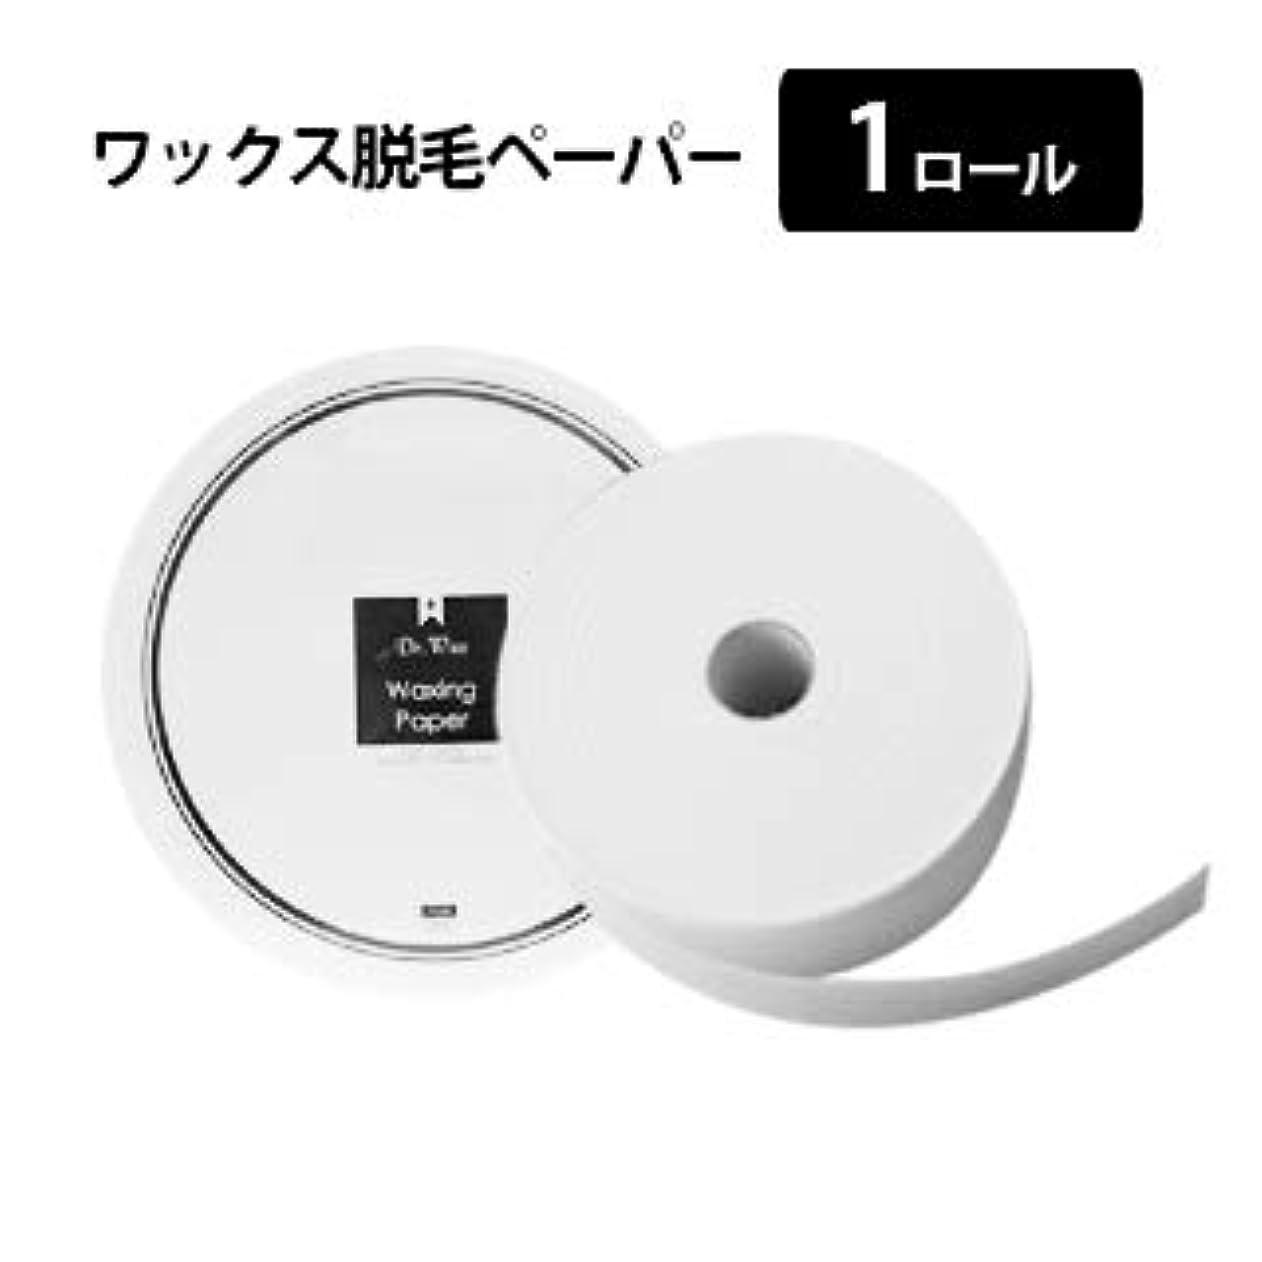 ミネラル韓国ブリード【1ロール】ワックスロールペーパー 7cm スパンレース素材